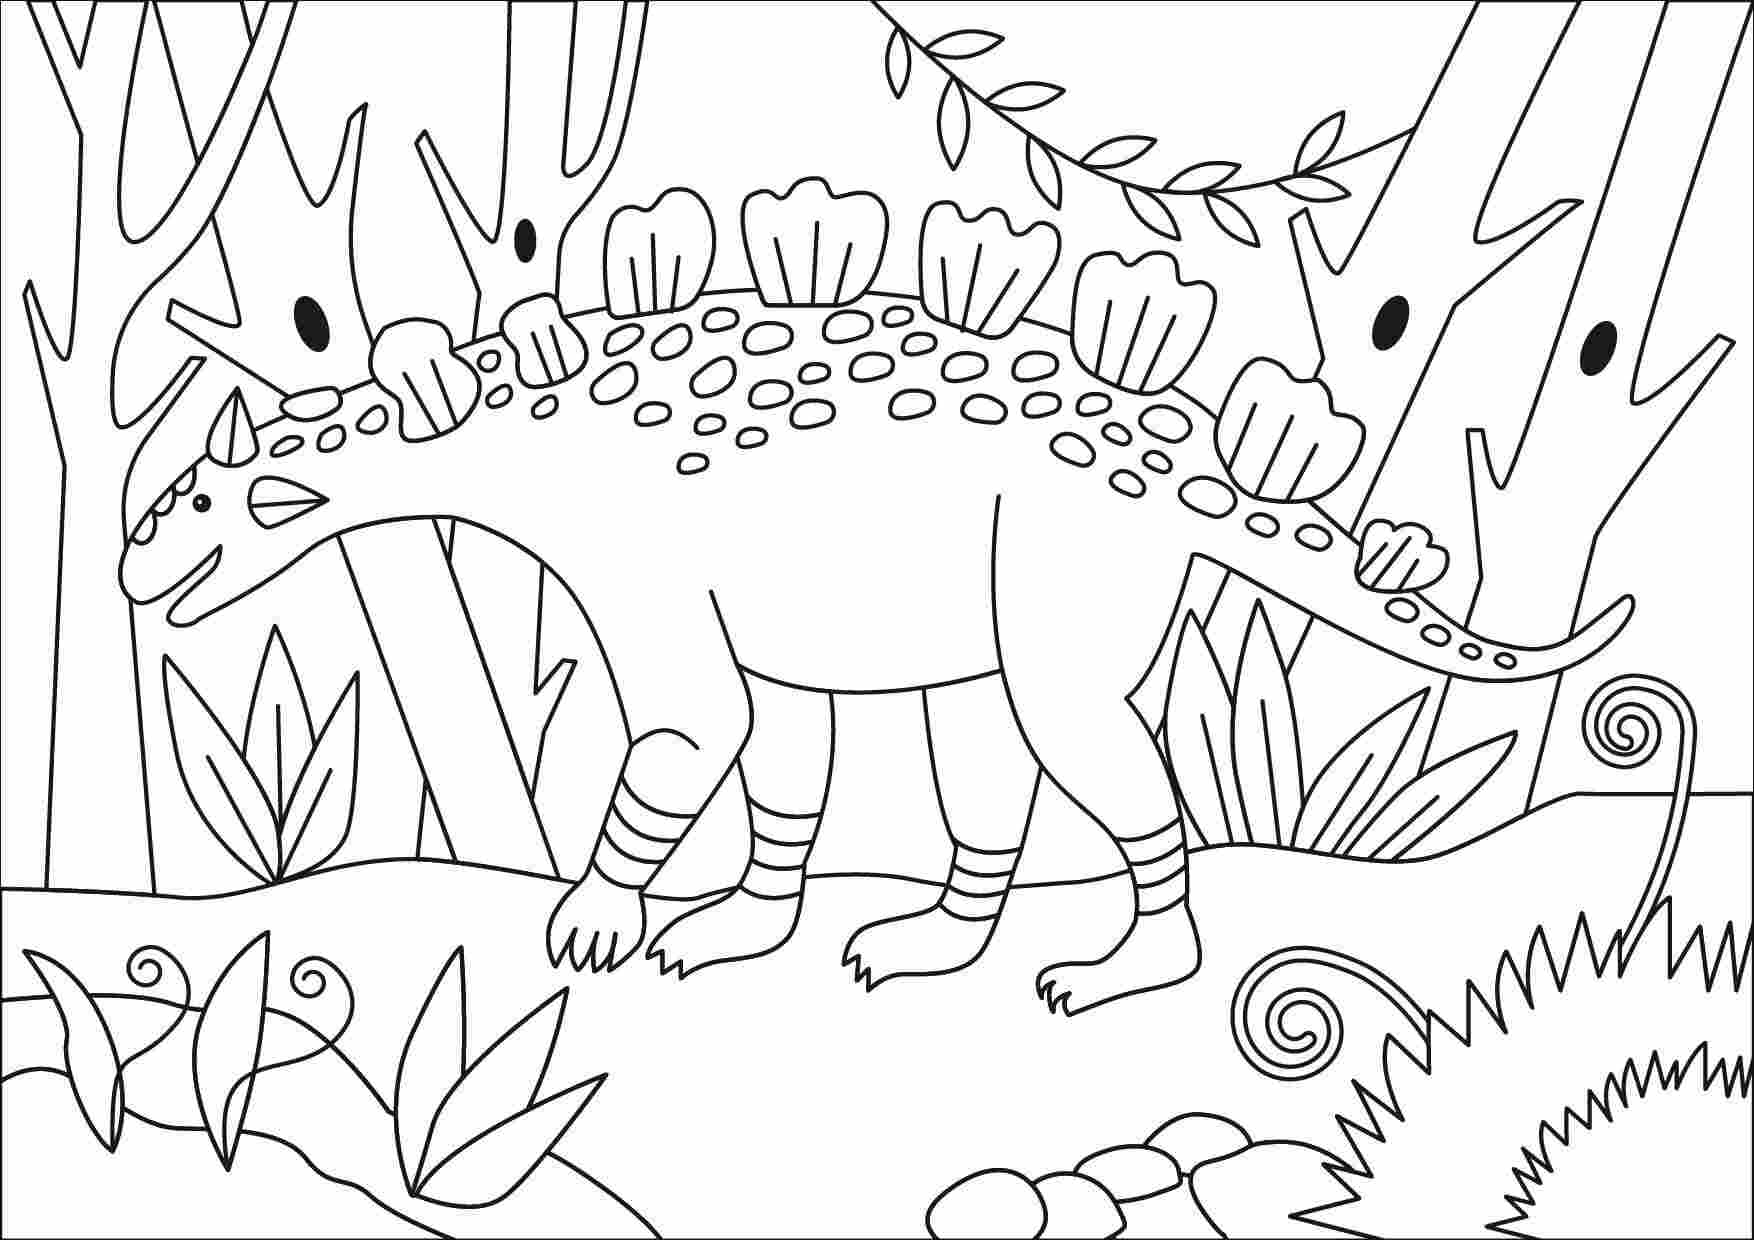 Crichtonsaurus is one of Ankylosaurus Dinosaurus types Coloring Page